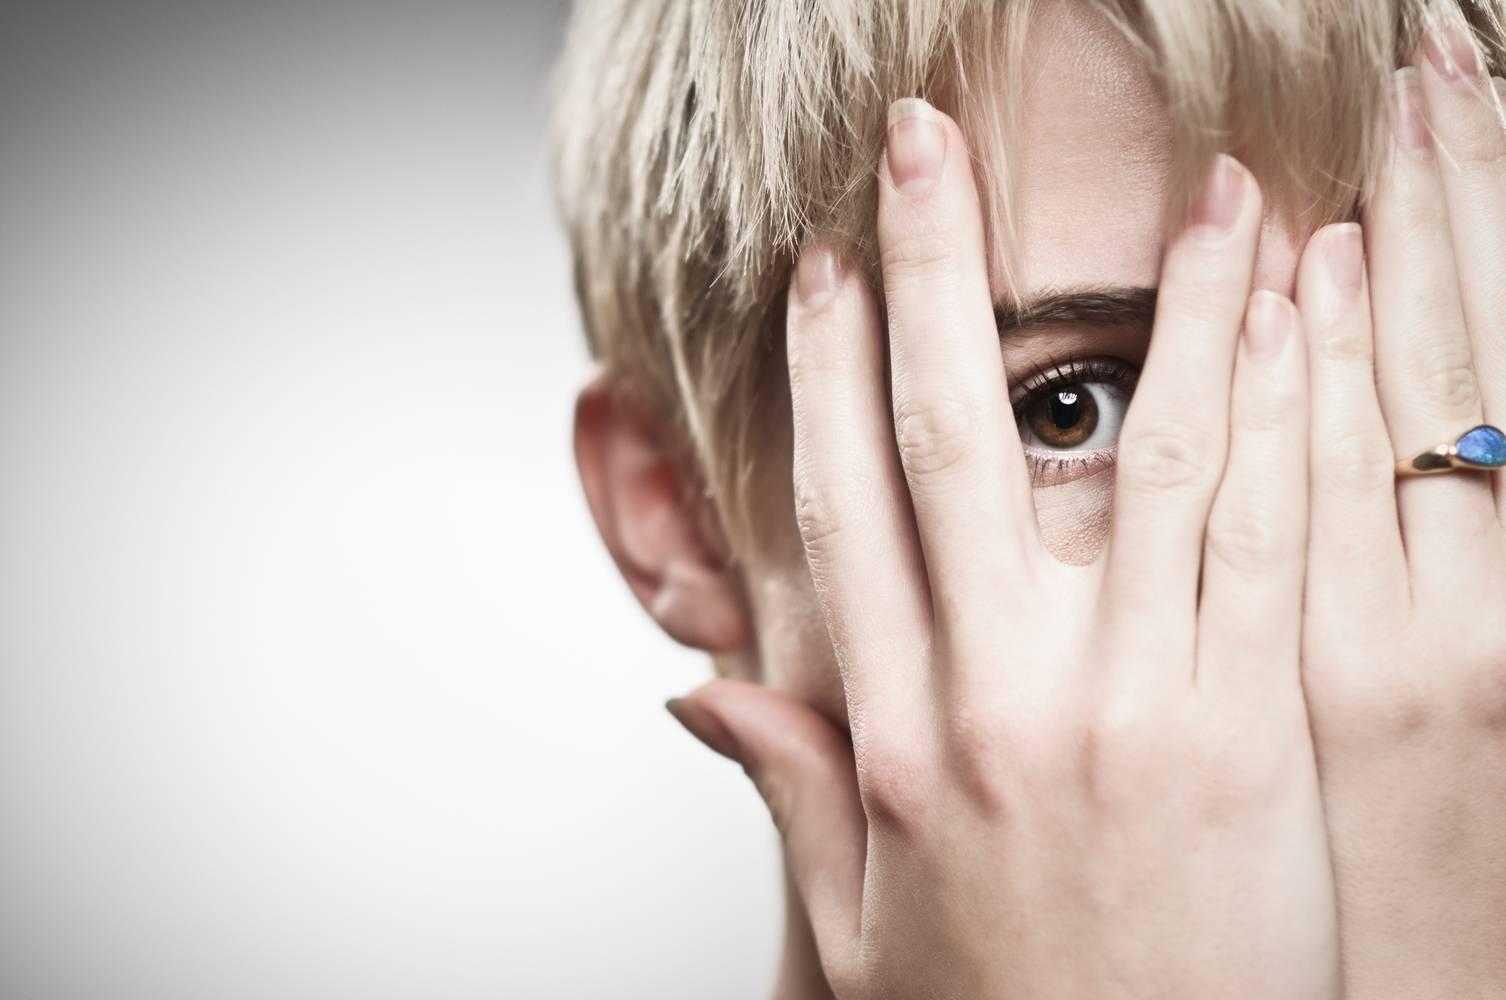 отличие фобий от страхов в психологии